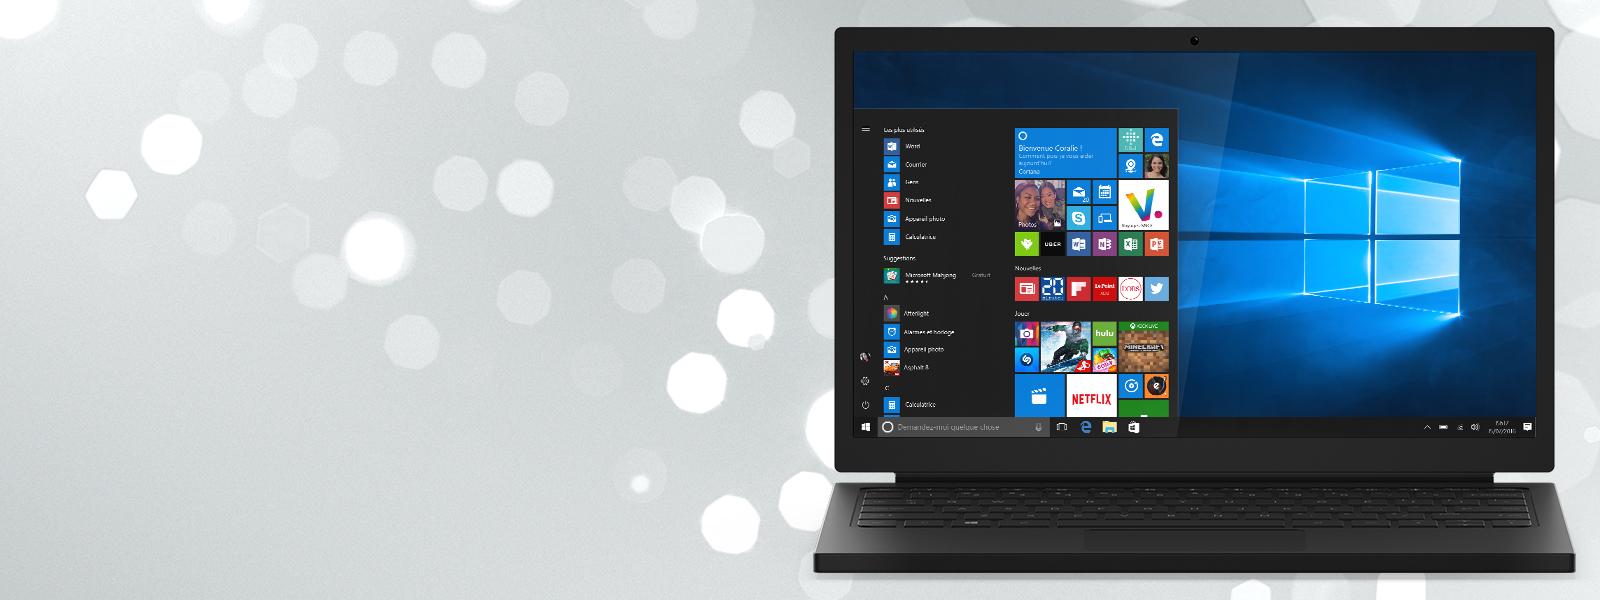 Un ordinateur portable avec écran de démarrage Windows